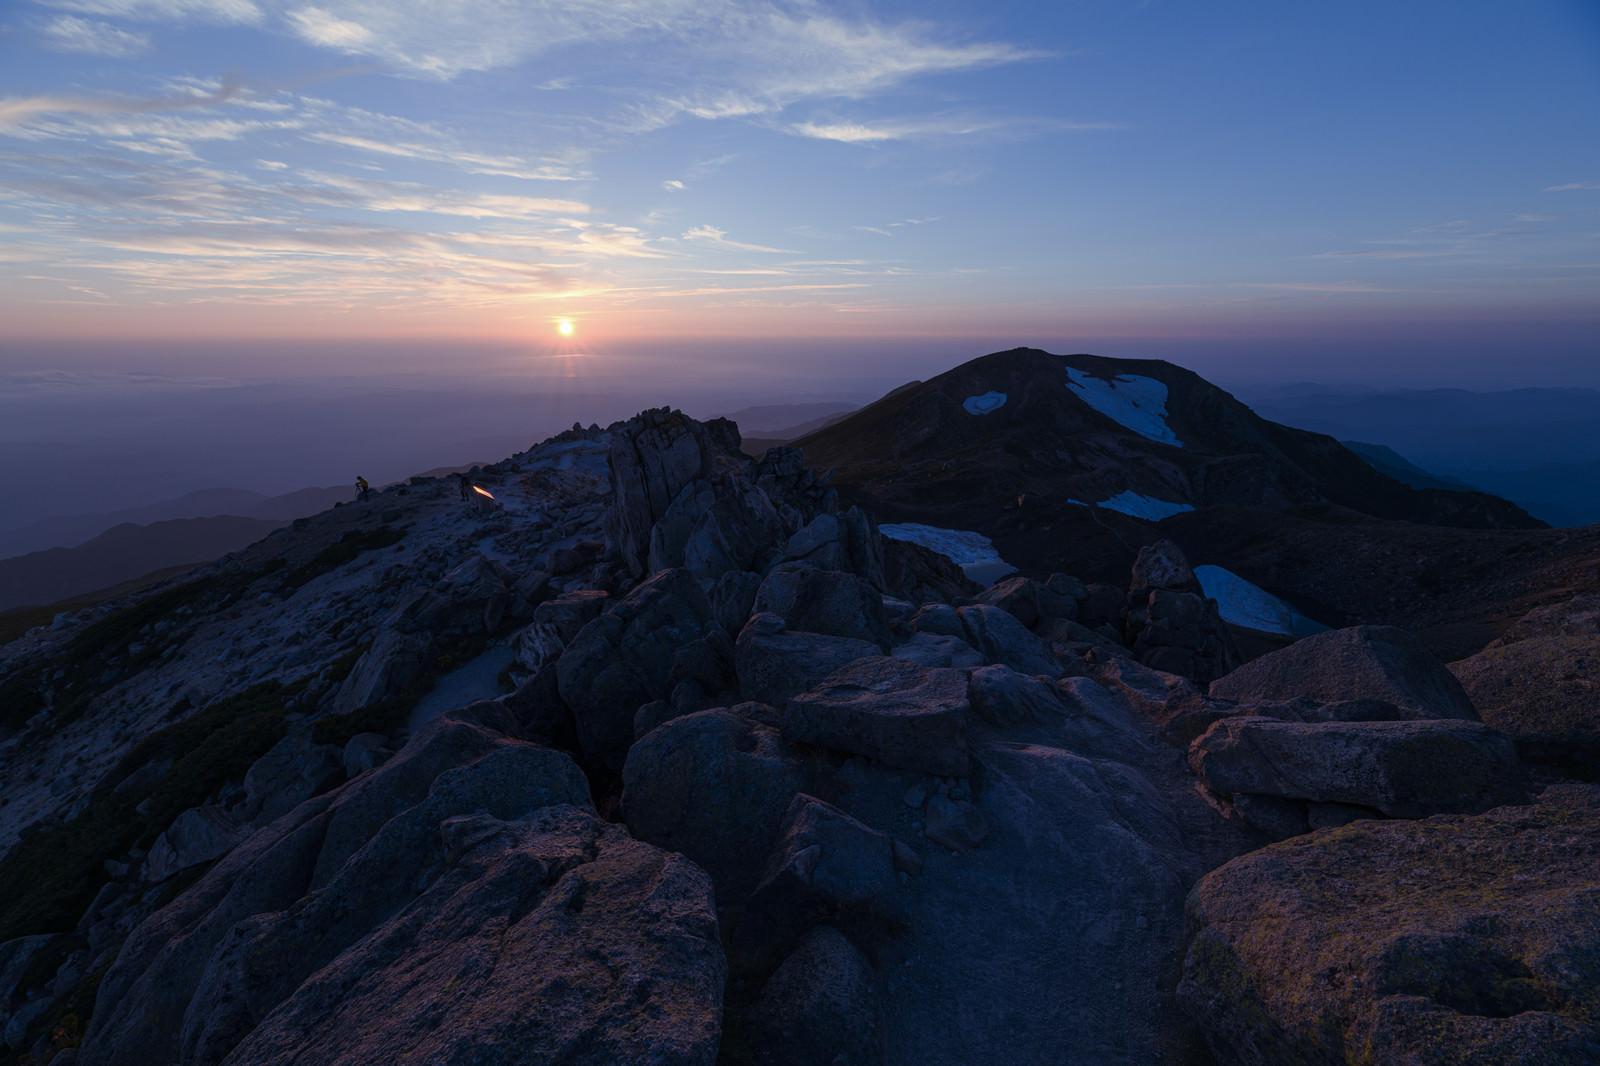 「大汝峰の向こう側に沈む往く太陽(白山)」の写真